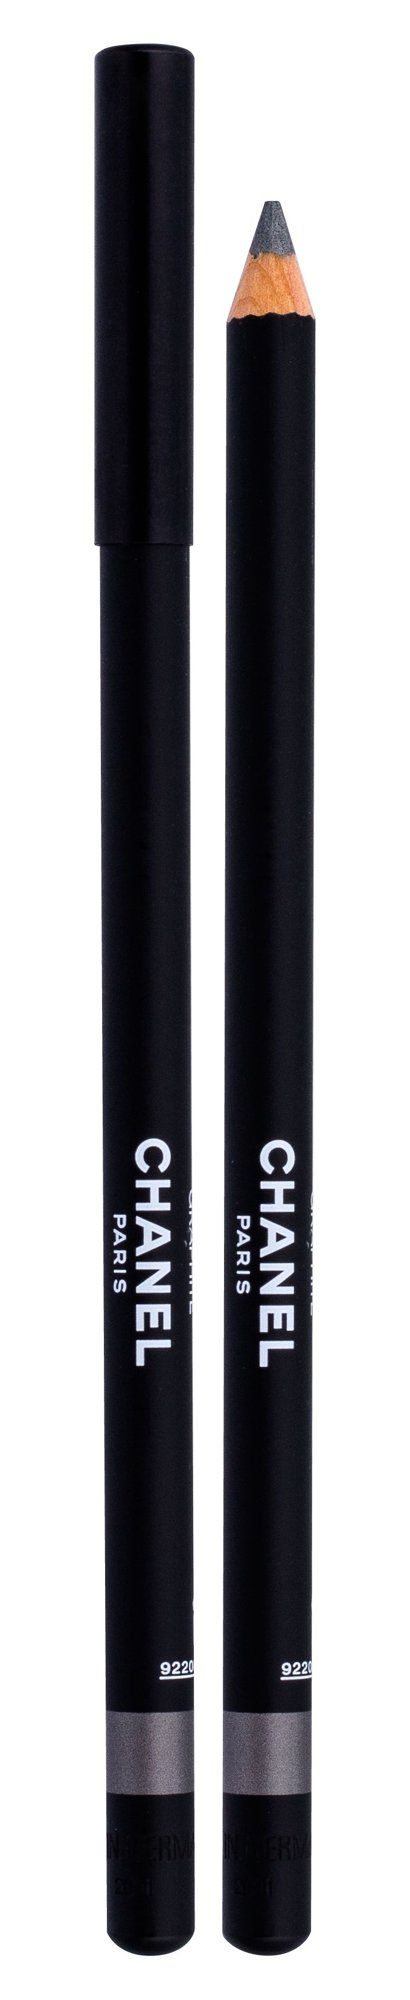 Chanel Le Crayon Khol Eye Pencil 1,4ml 64 Graphite